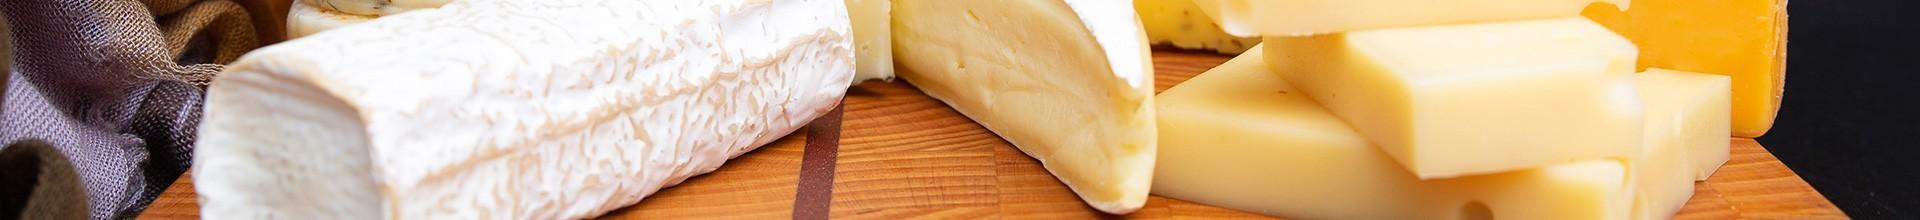 Les oeufs, le beurre et la crème